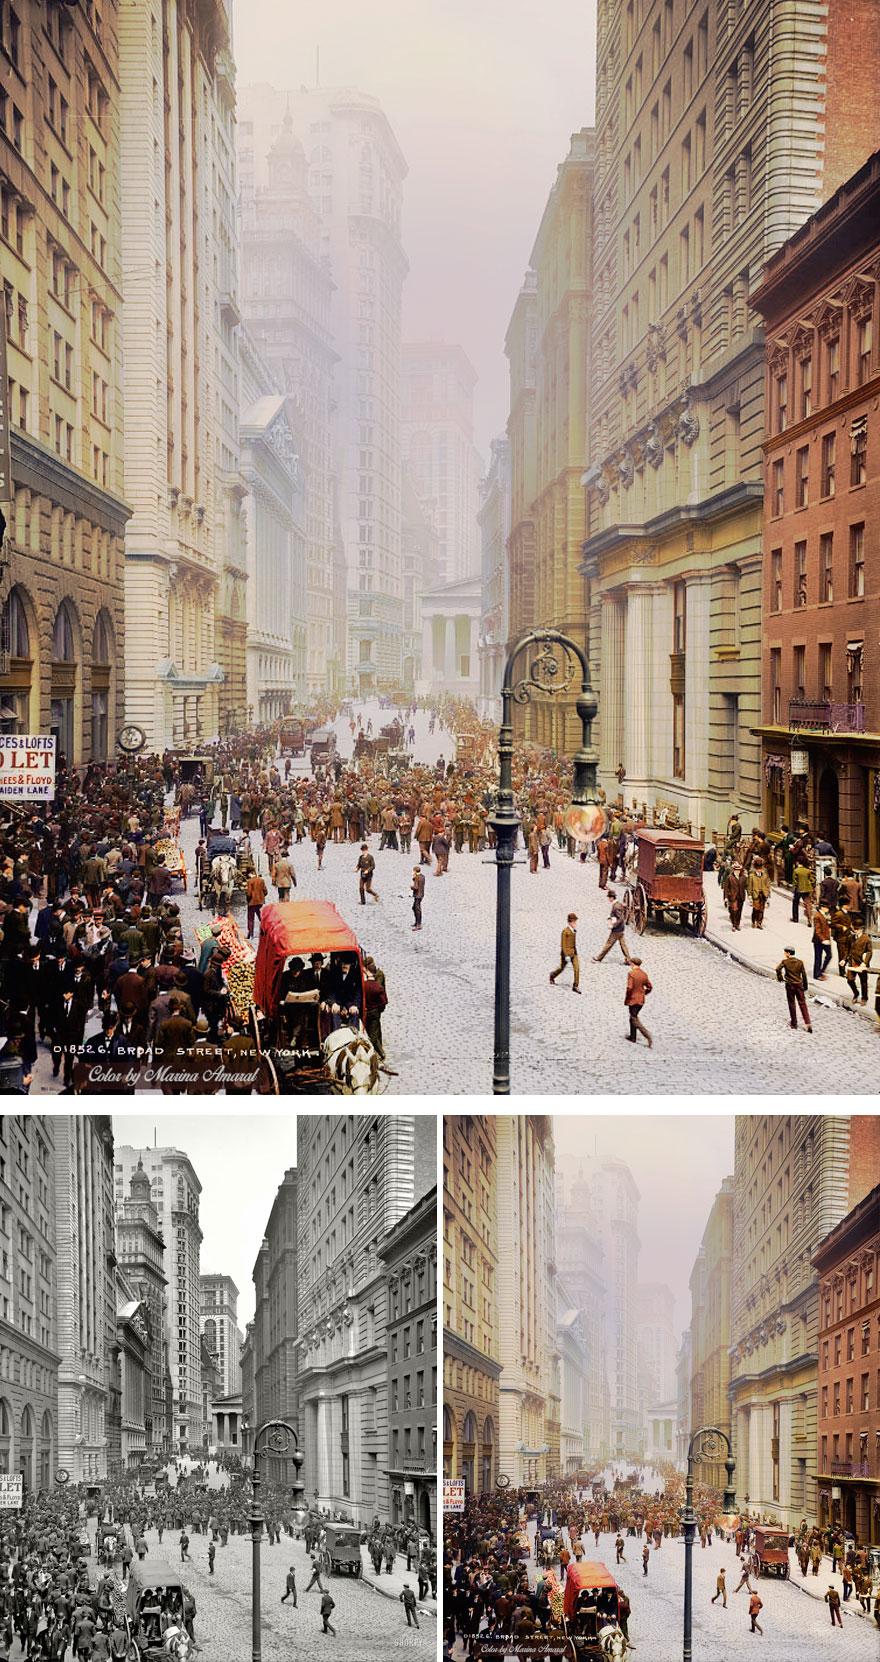 Брод-стрит, Нью-Йорк.